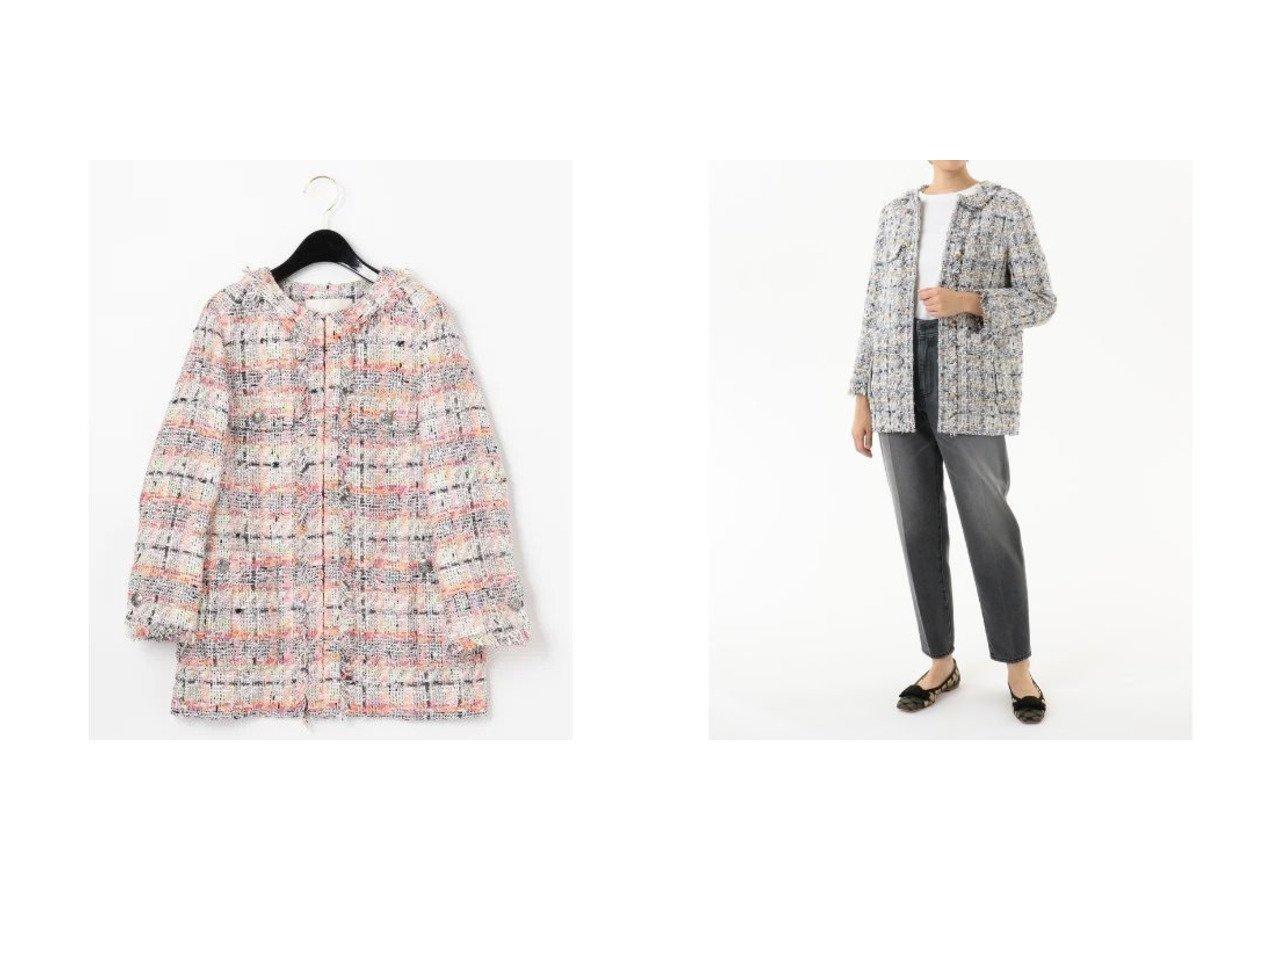 【GRACE CONTINENTAL/グレース コンチネンタル】のツイードフリンジロングジャケット アウターのおすすめ!人気、トレンド・レディースファッションの通販 おすすめで人気の流行・トレンド、ファッションの通販商品 メンズファッション・キッズファッション・インテリア・家具・レディースファッション・服の通販 founy(ファニー) https://founy.com/ ファッション Fashion レディースファッション WOMEN アウター Coat Outerwear ジャケット Jackets ジャケット ツイード デニム トレンド フェミニン フランス ポケット ミリタリー レース ロング 切替  ID:crp329100000022722